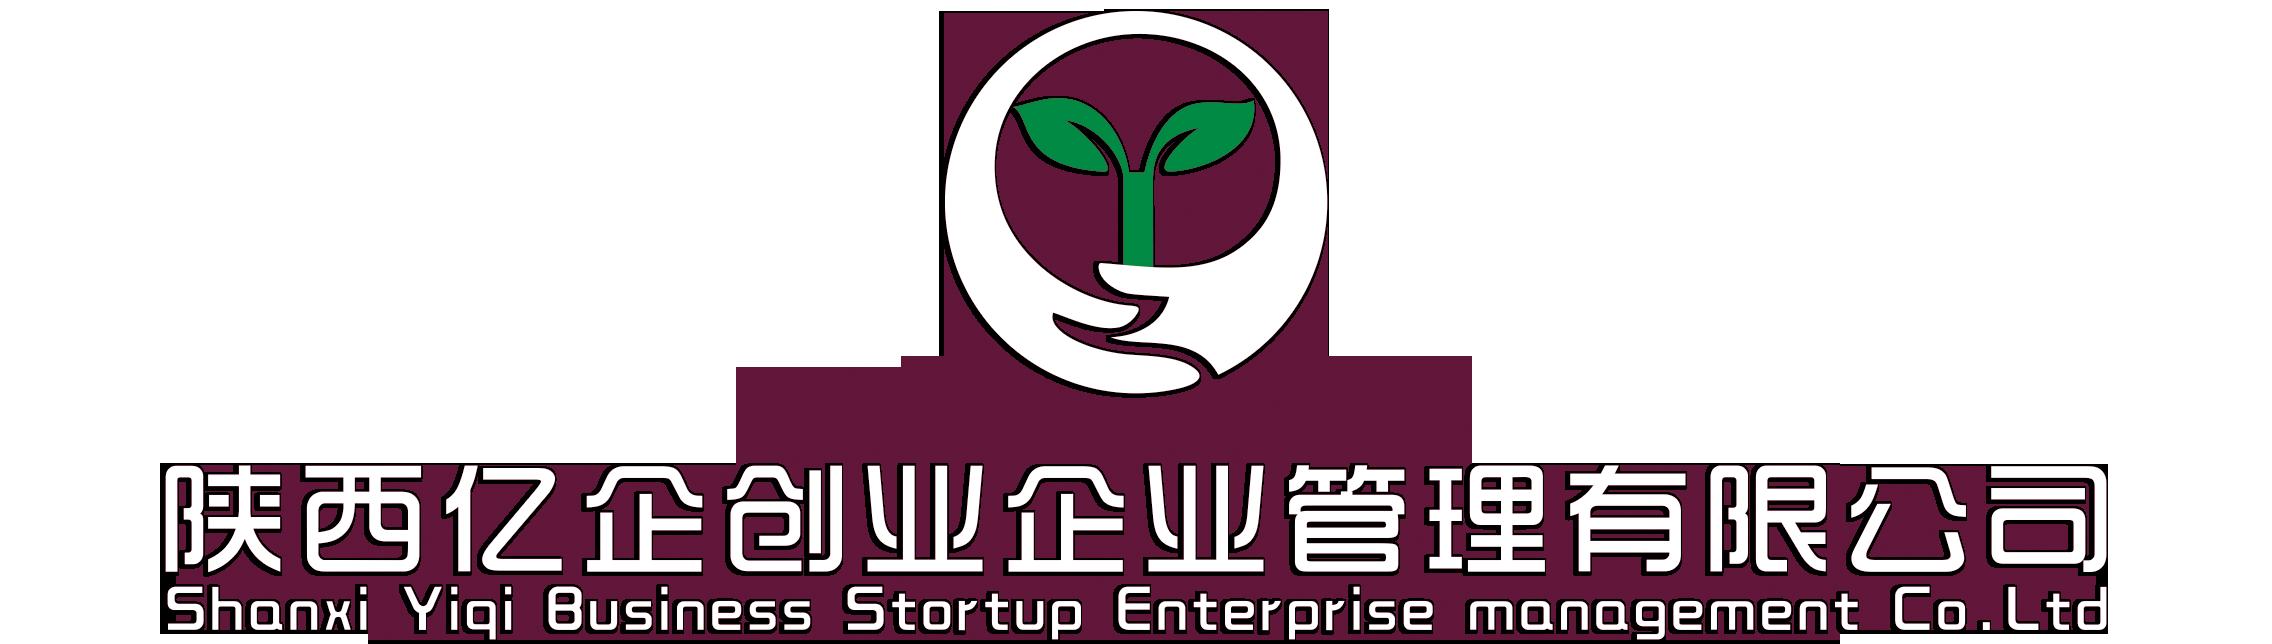 陝西百人棋牌創業企業管理有限公司